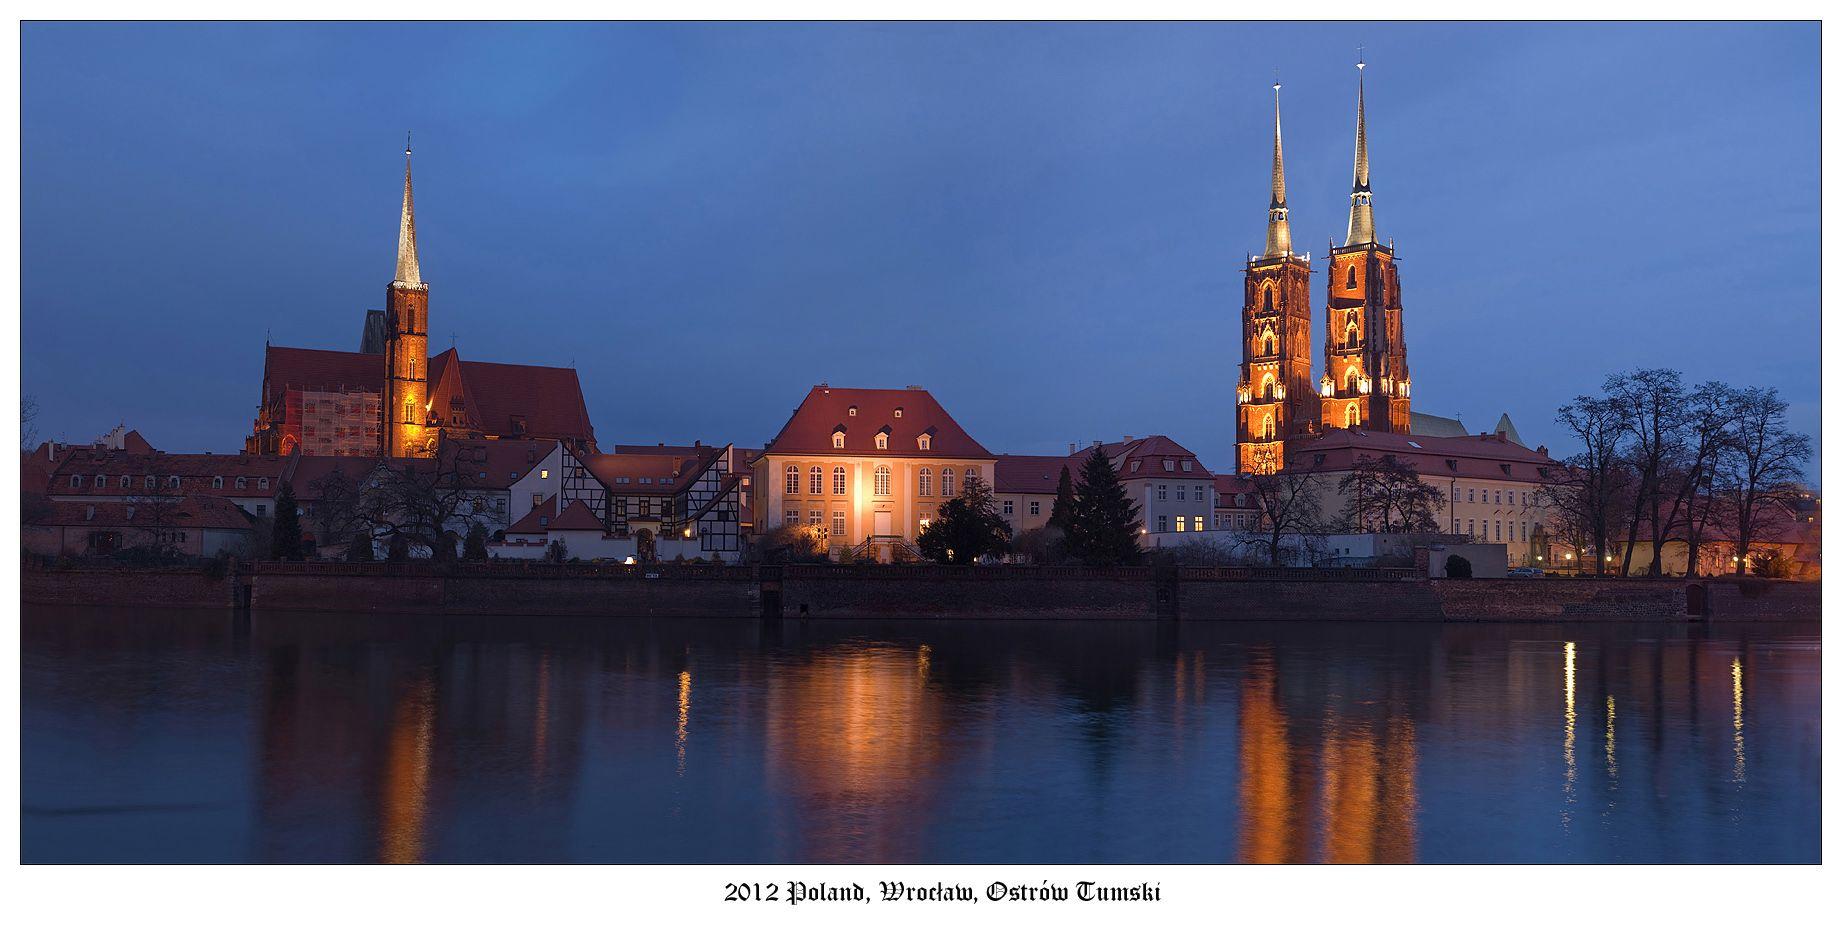 Тумский остров — древнейшая часть Вроцлава, расположенная в старом русле Одры. Название острова переводится как «Кафедральный остров» в честь построенного здесь собора Святого Иоанна Крестителя.